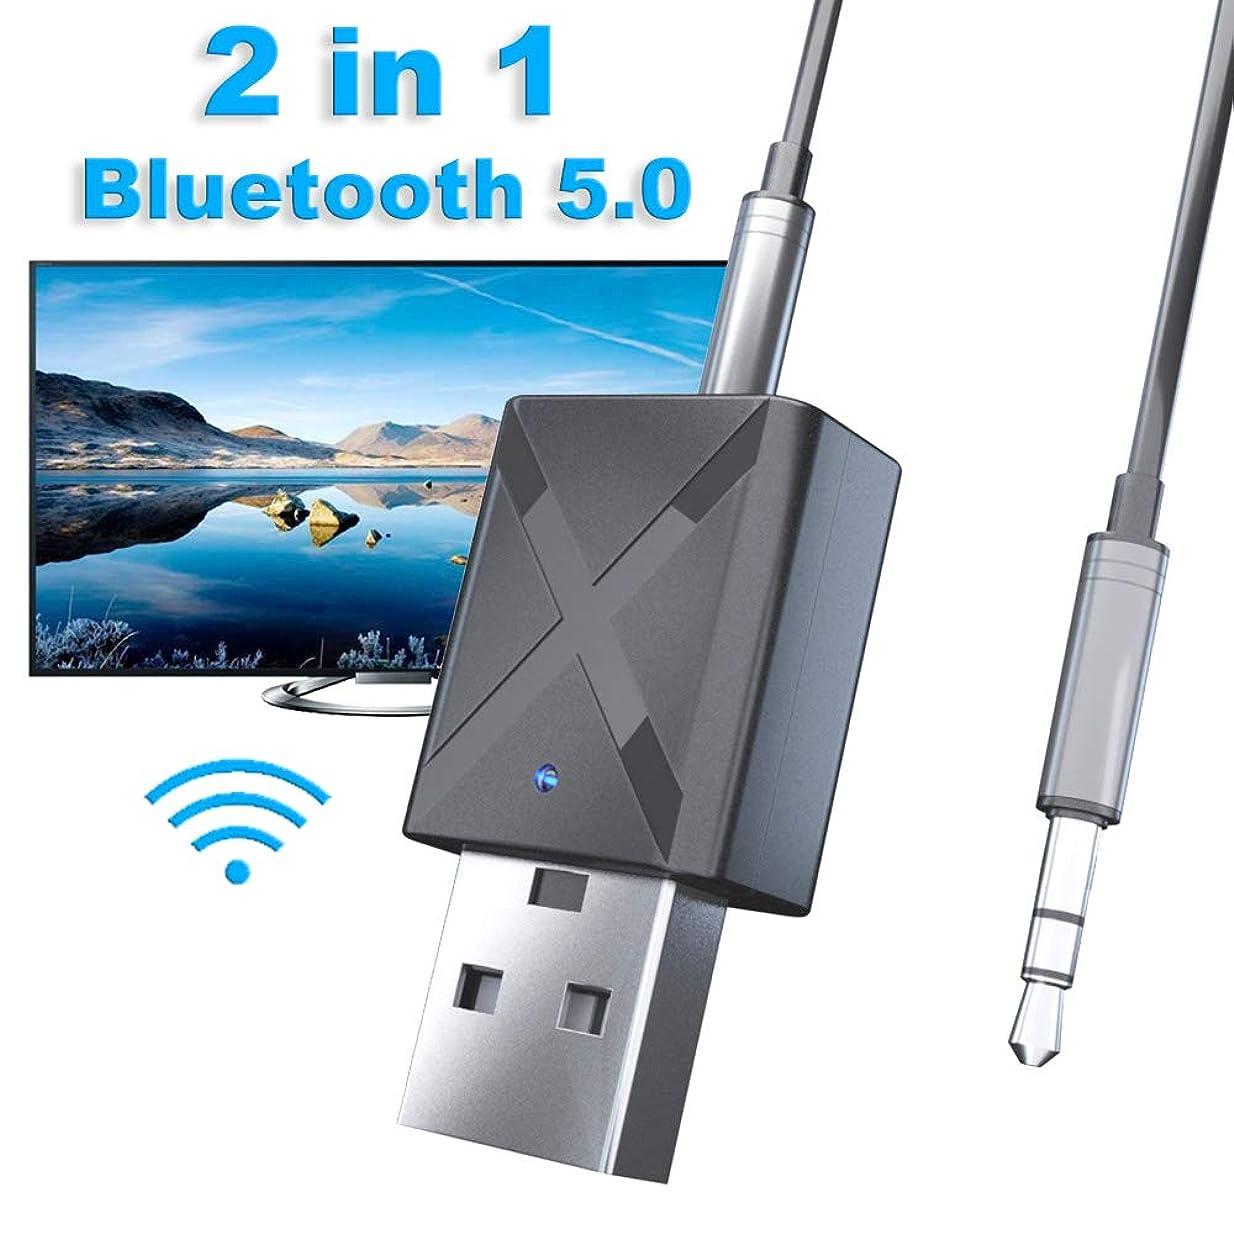 2019最新版 Bluetooth USB Version 5.0 ドングル USBアダプタ 省エネ BT5.0, A2DP, AVRCP ワイヤレス ブルートゥース USBド 無線USB 超軽量 超小型